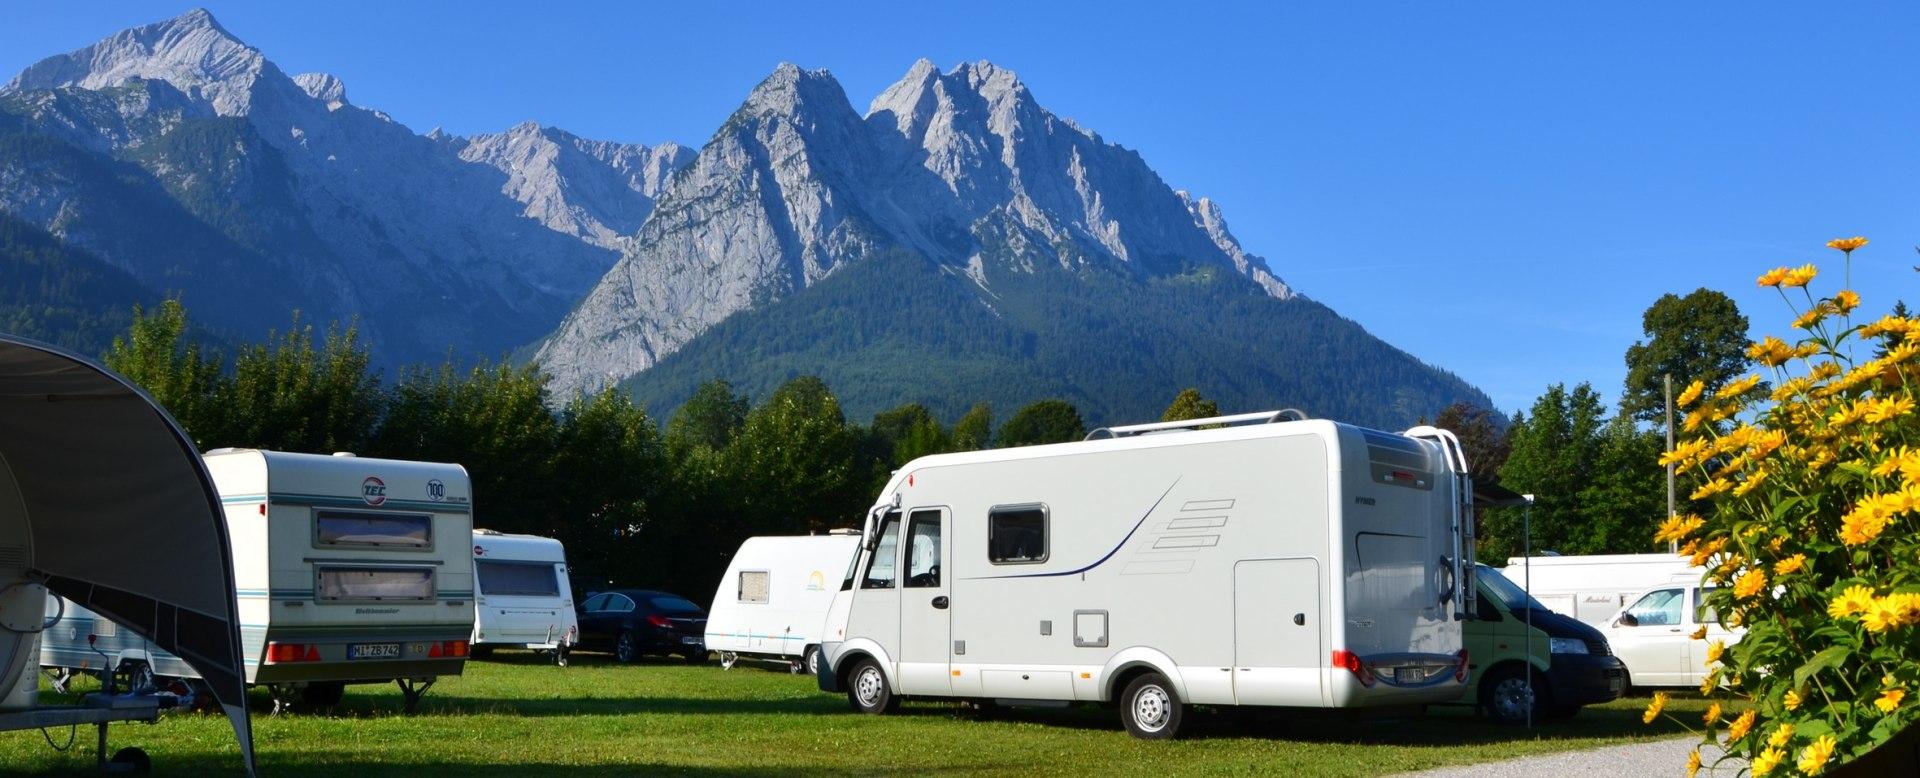 Bergkulisse Campingplatz, © Campingplatz Grainau